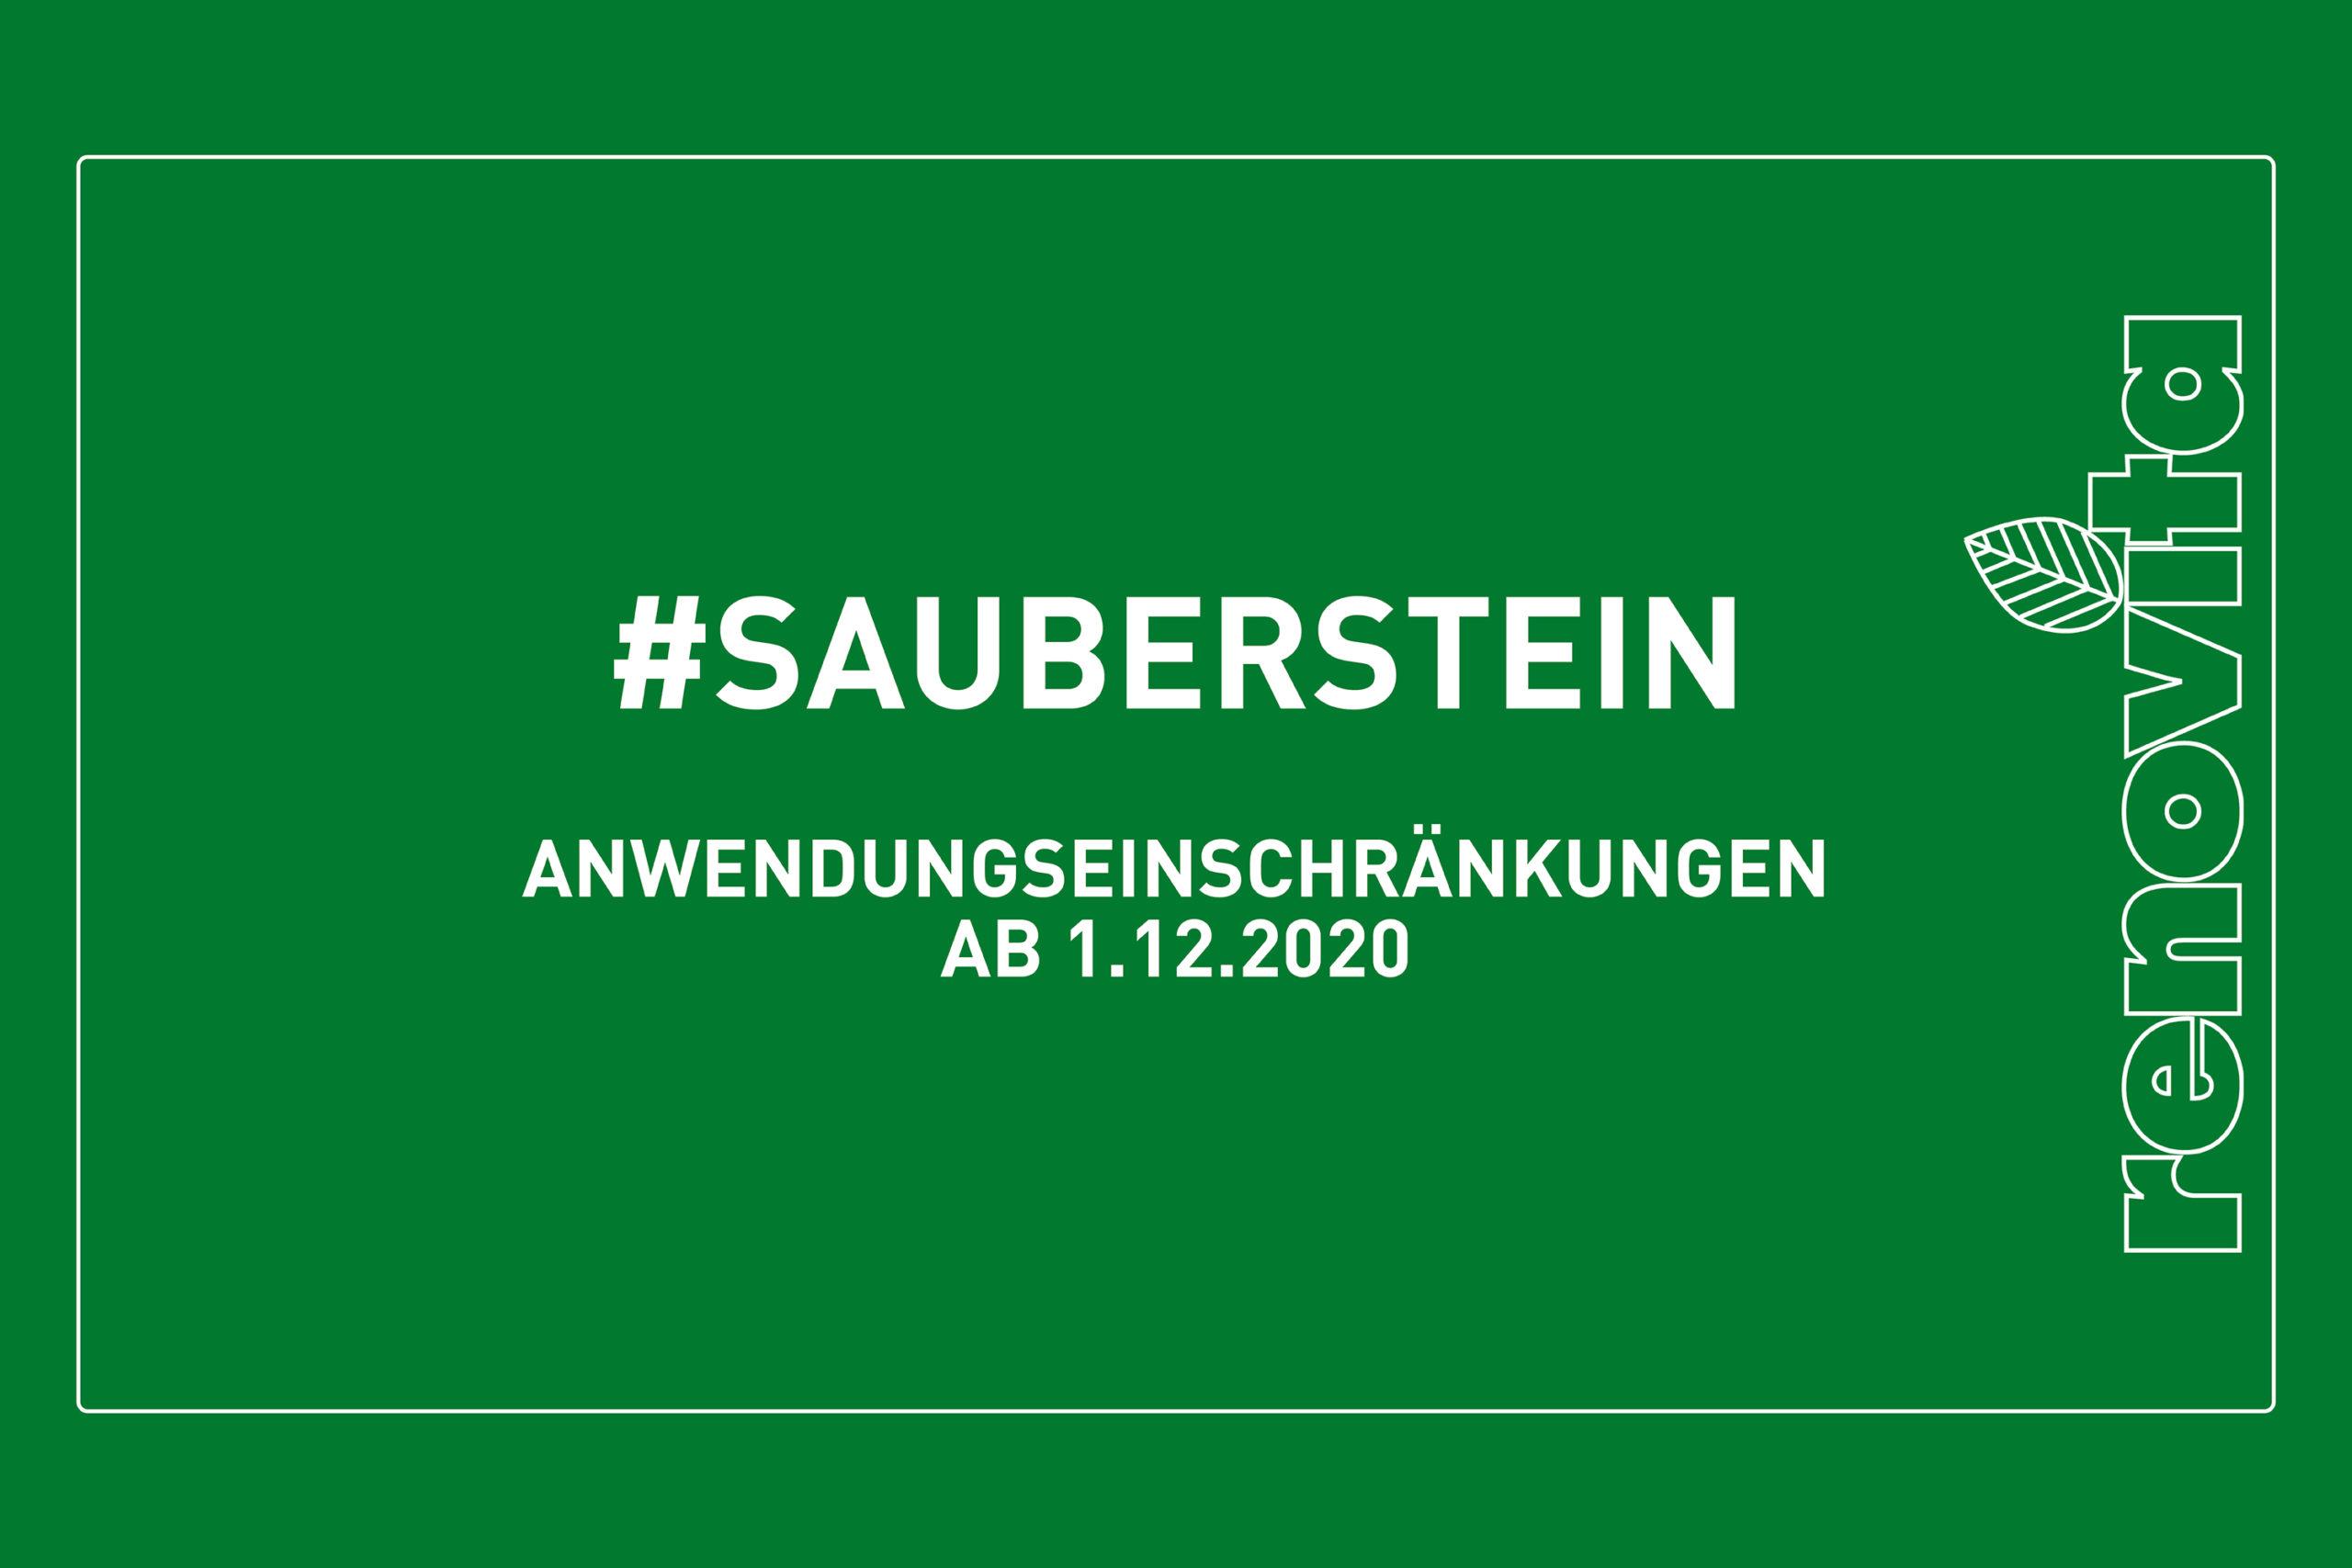 Sauberstein – Anwendungseinschränkungen